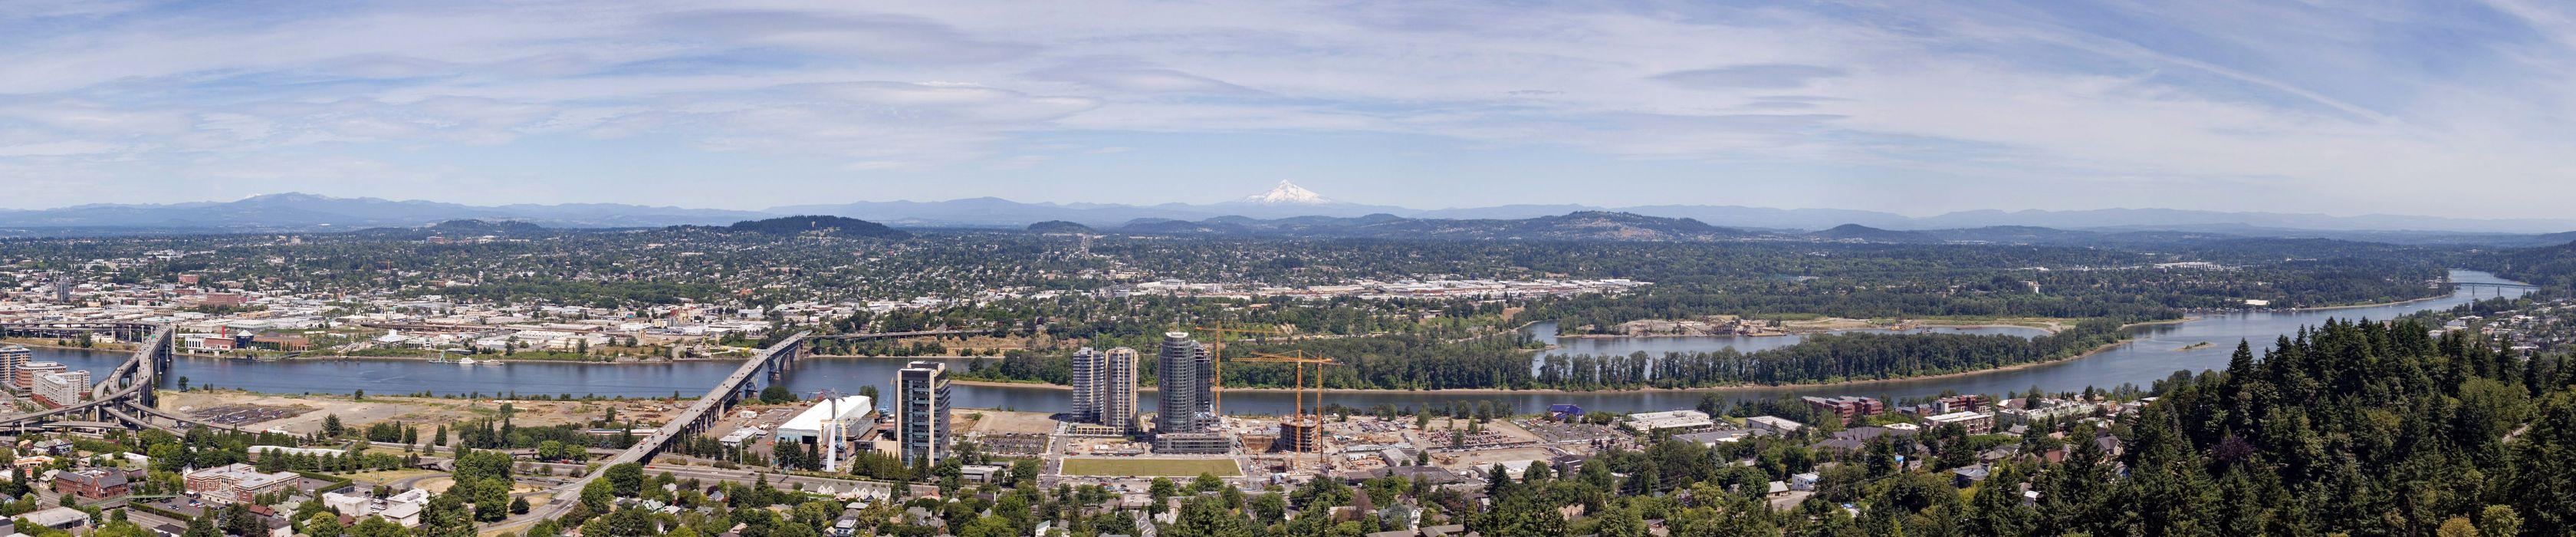 Portland Oregon      h wallpaper